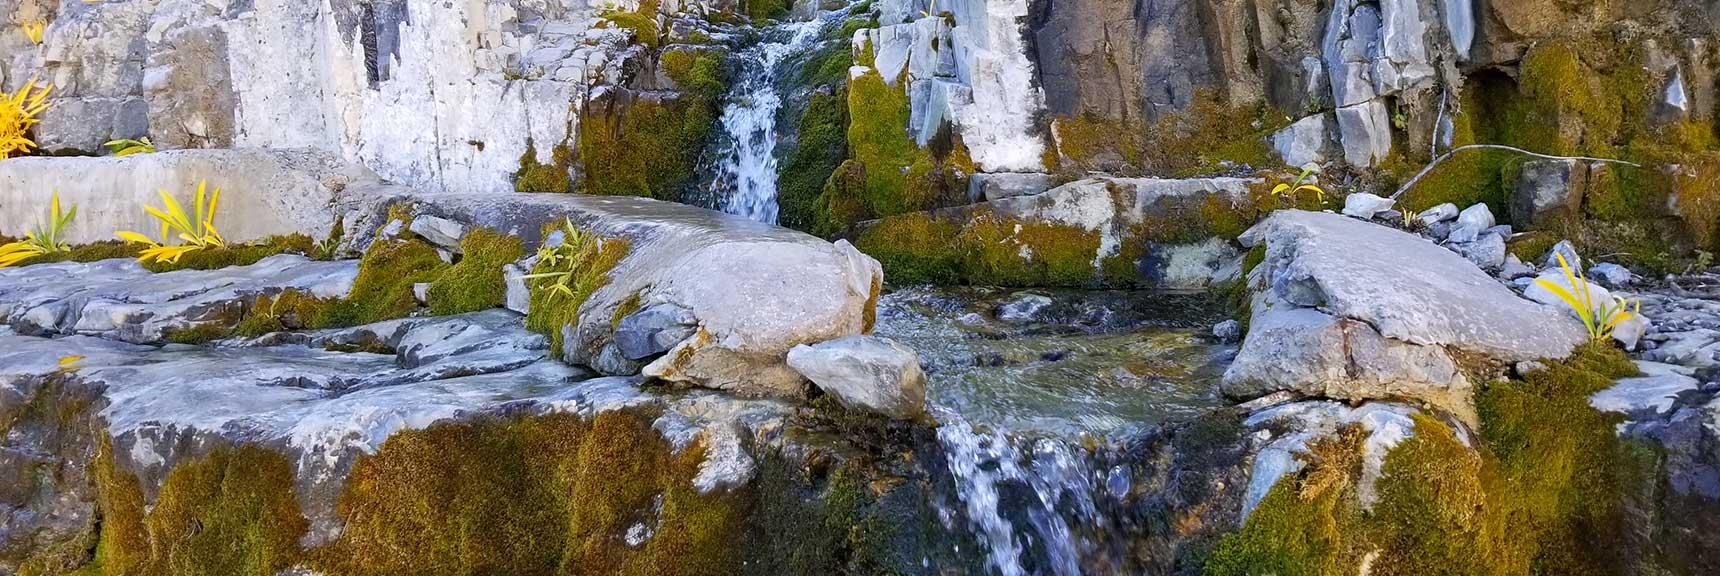 Waterfall in Wash Below Lee Peak in Lee Canyon, Nevada